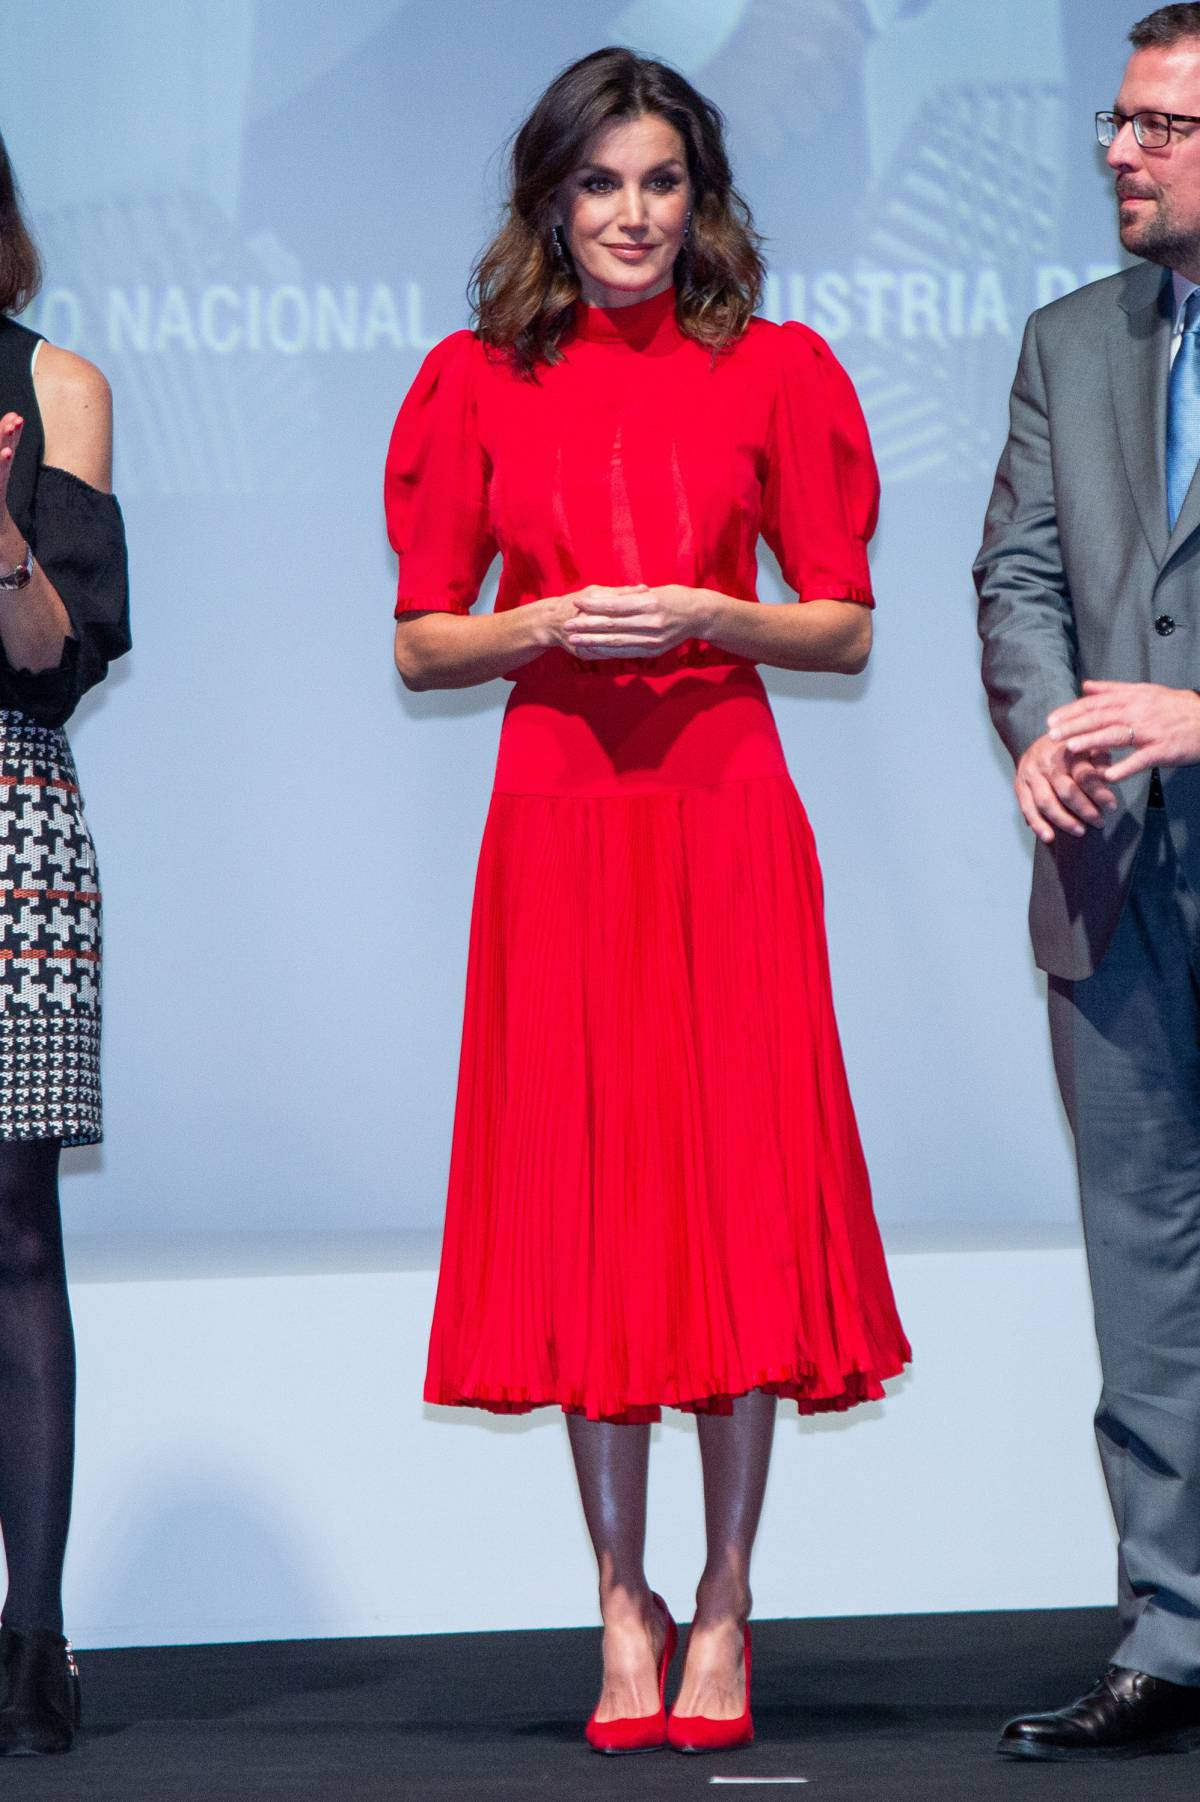 319547bca La reina Letizia lleva un vestido que se puso doña Sofía en 1982 ...